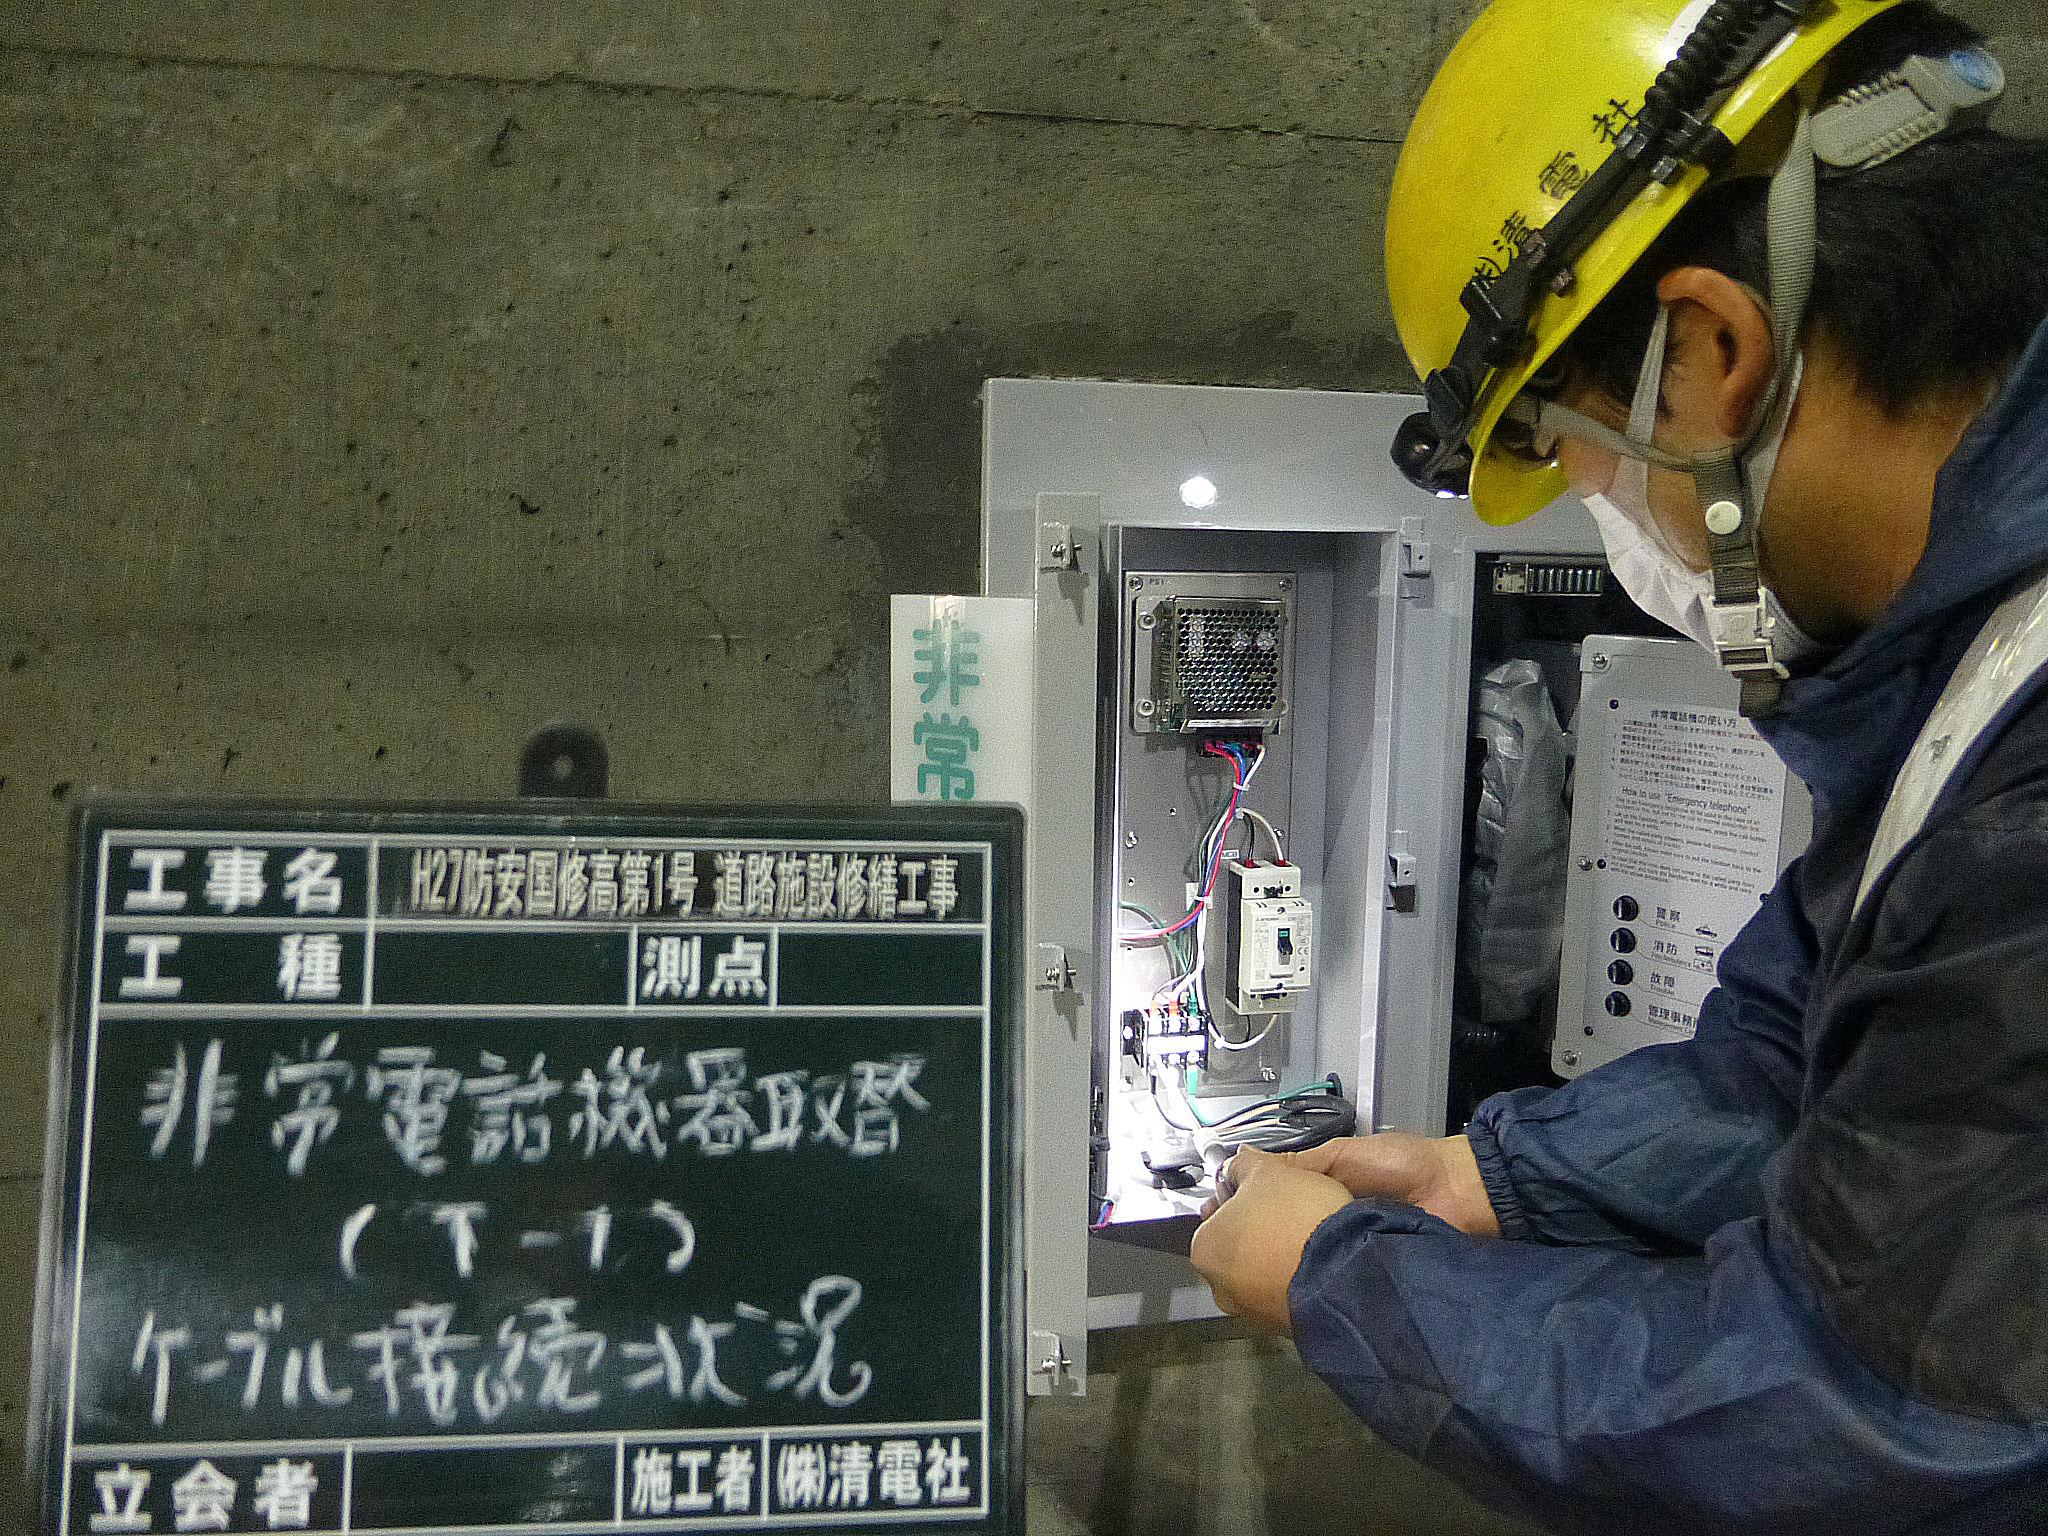 トンネル非常用設備工事